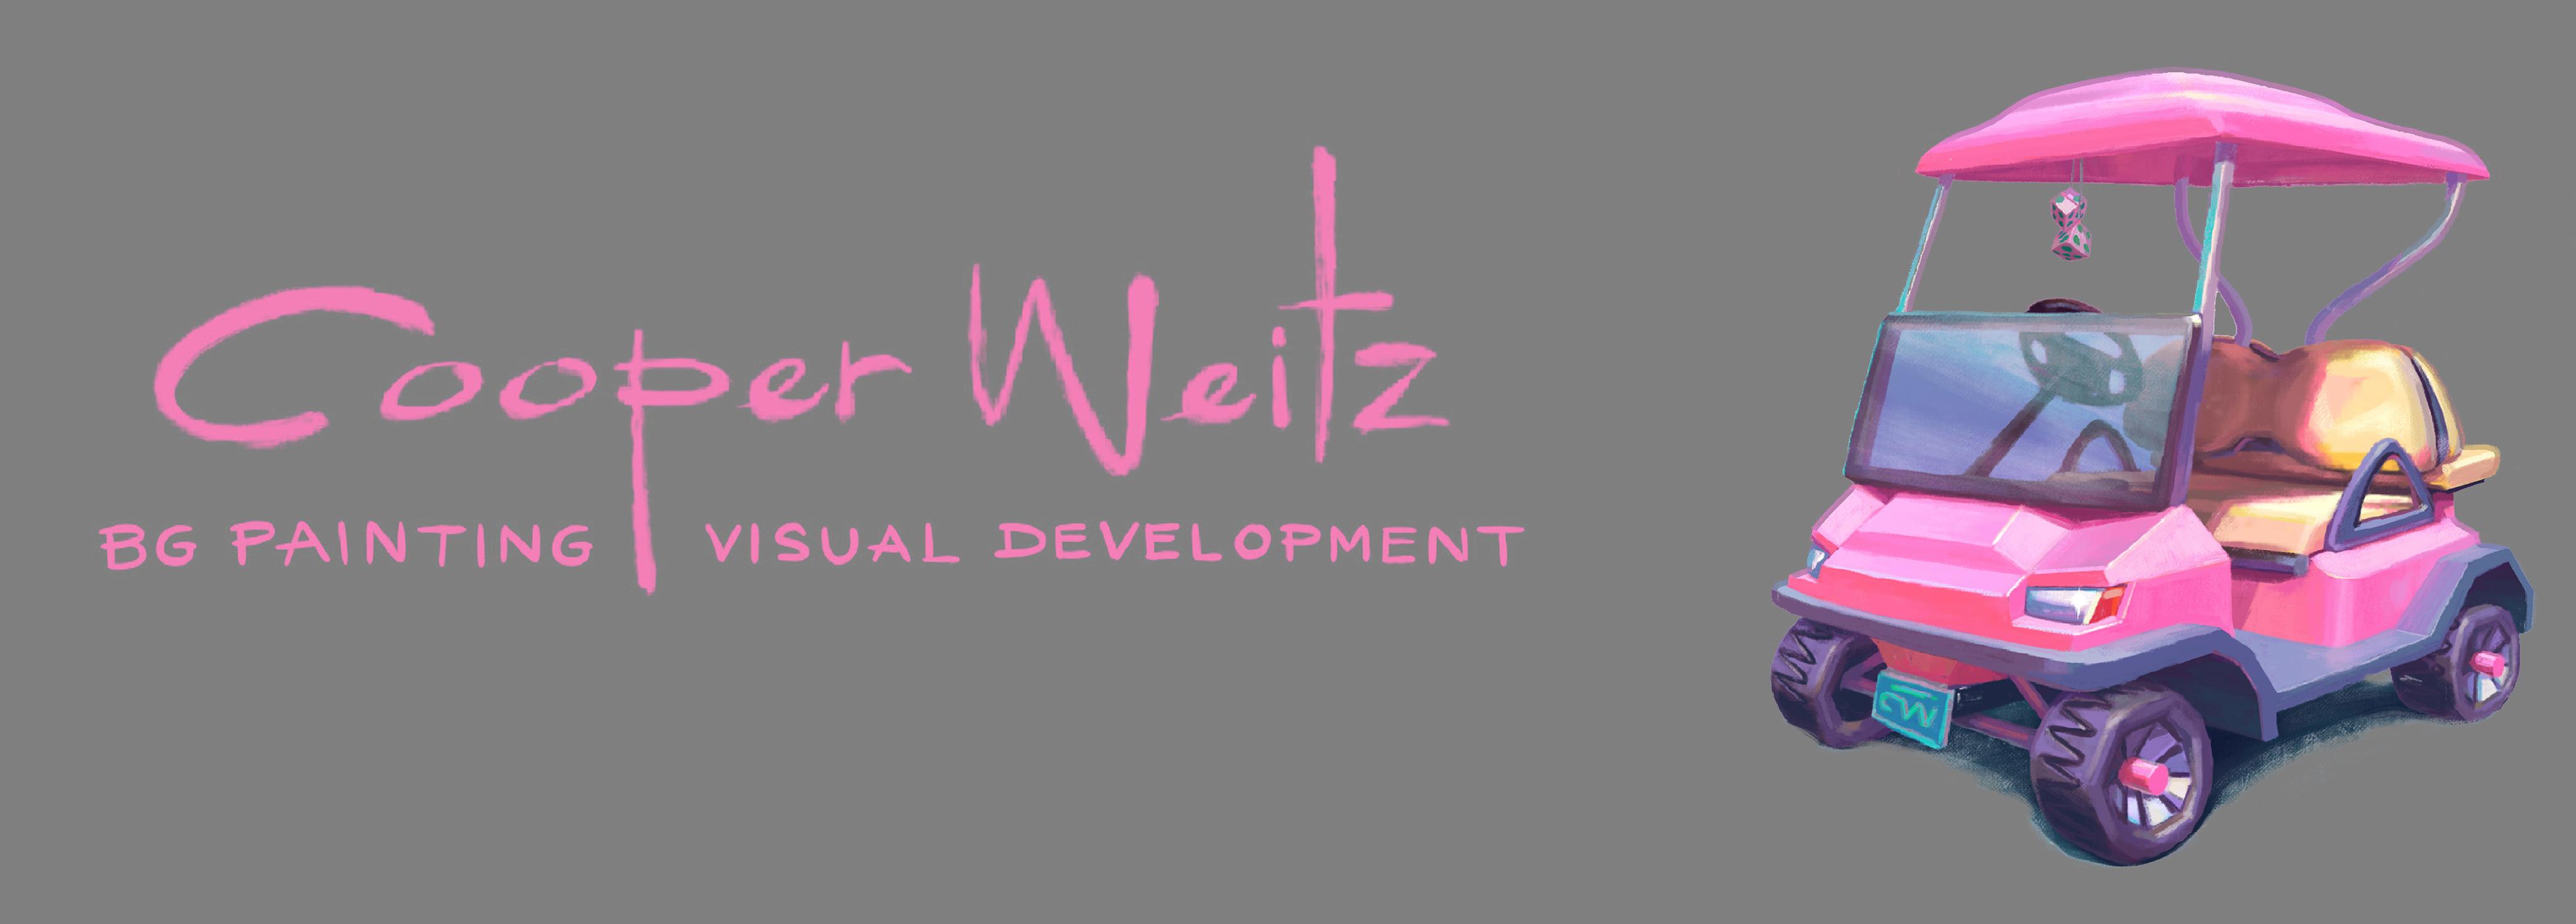 Cooper Weitz